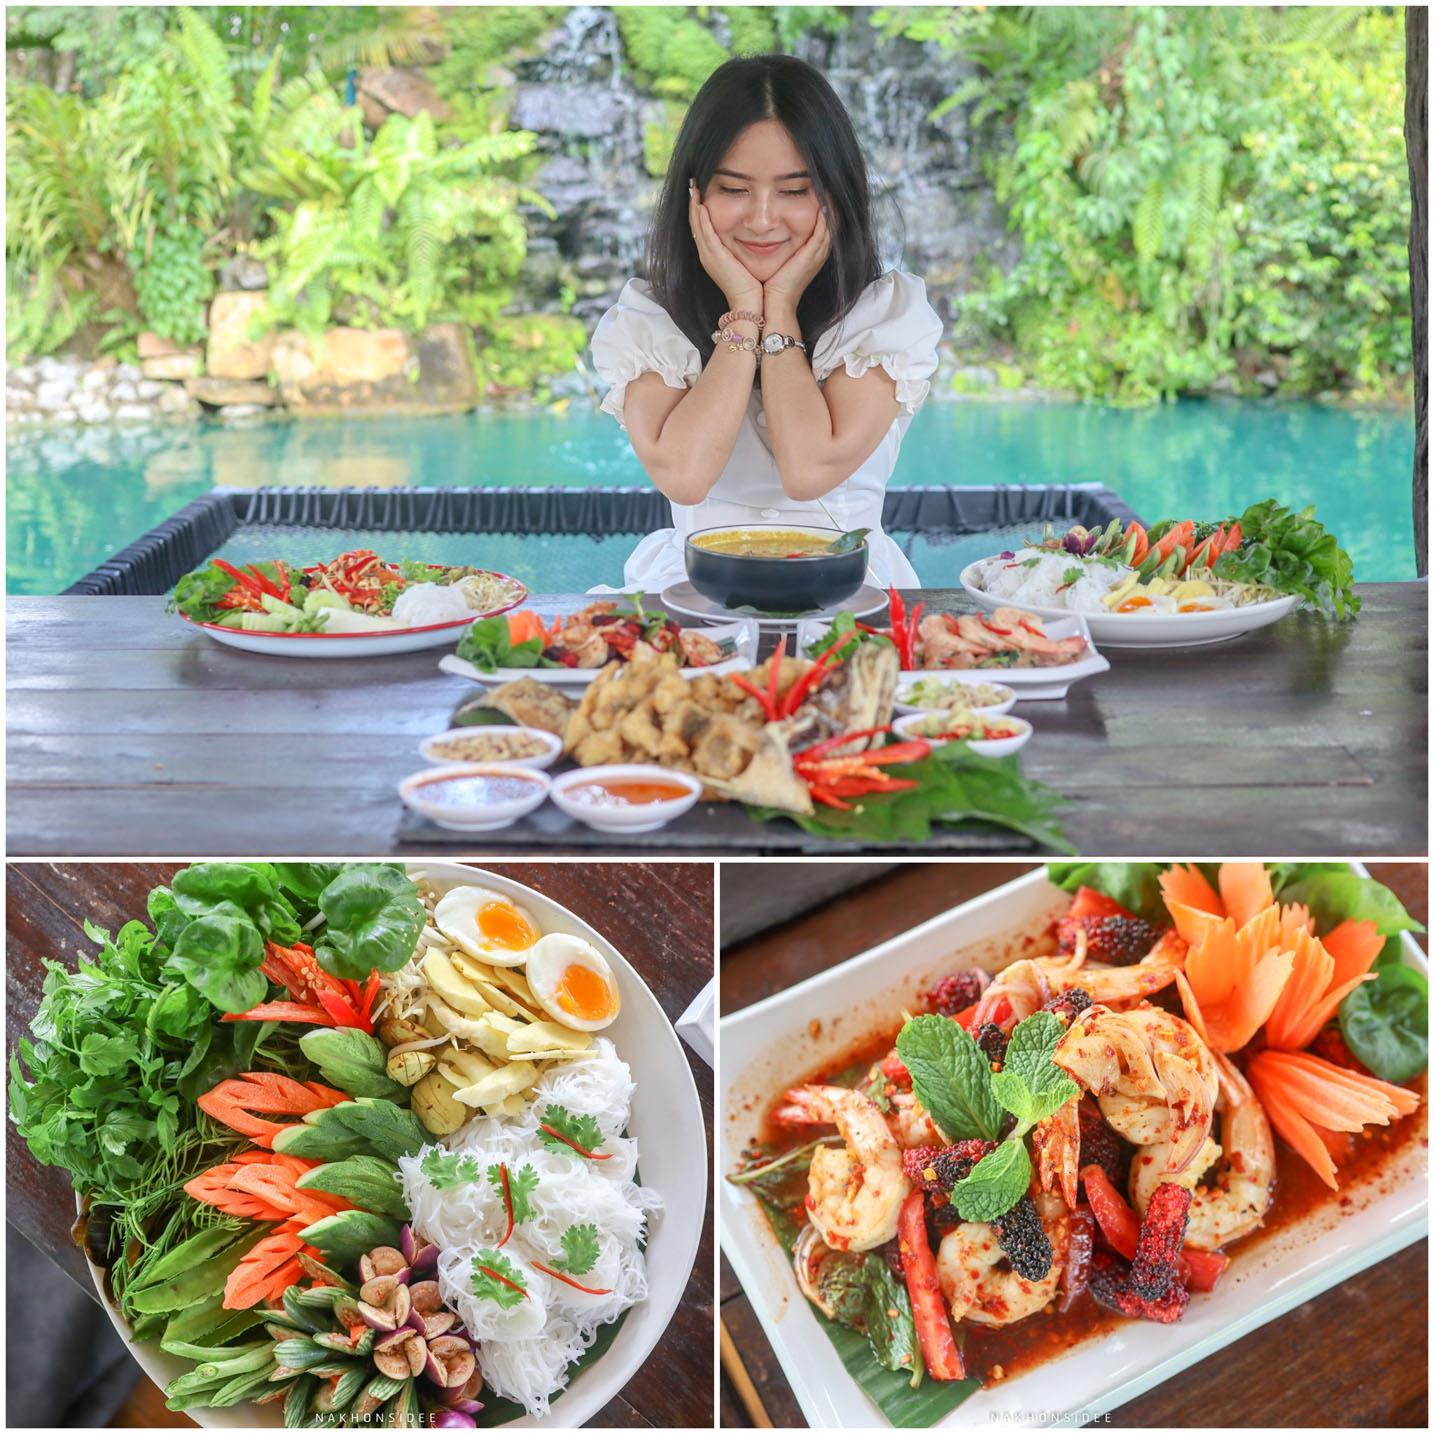 อาหารคือมีหลายเมนูมาก-เมนูเด็ดๆเพียบเลยแหละ-แต่ละเมนูมือการผสมผสานในแบบของไร่เอง-ด้วยการนำผักผลไม้-Organic-มาใส่ในอาหาร-รสชาติดีเลยทีเดียวว  ไร่ธาราบดินทร์,ร้านอาหาร,คาเฟ่,กลางป่า,นครศรี,น้ำสีฟ้า,อร่อย